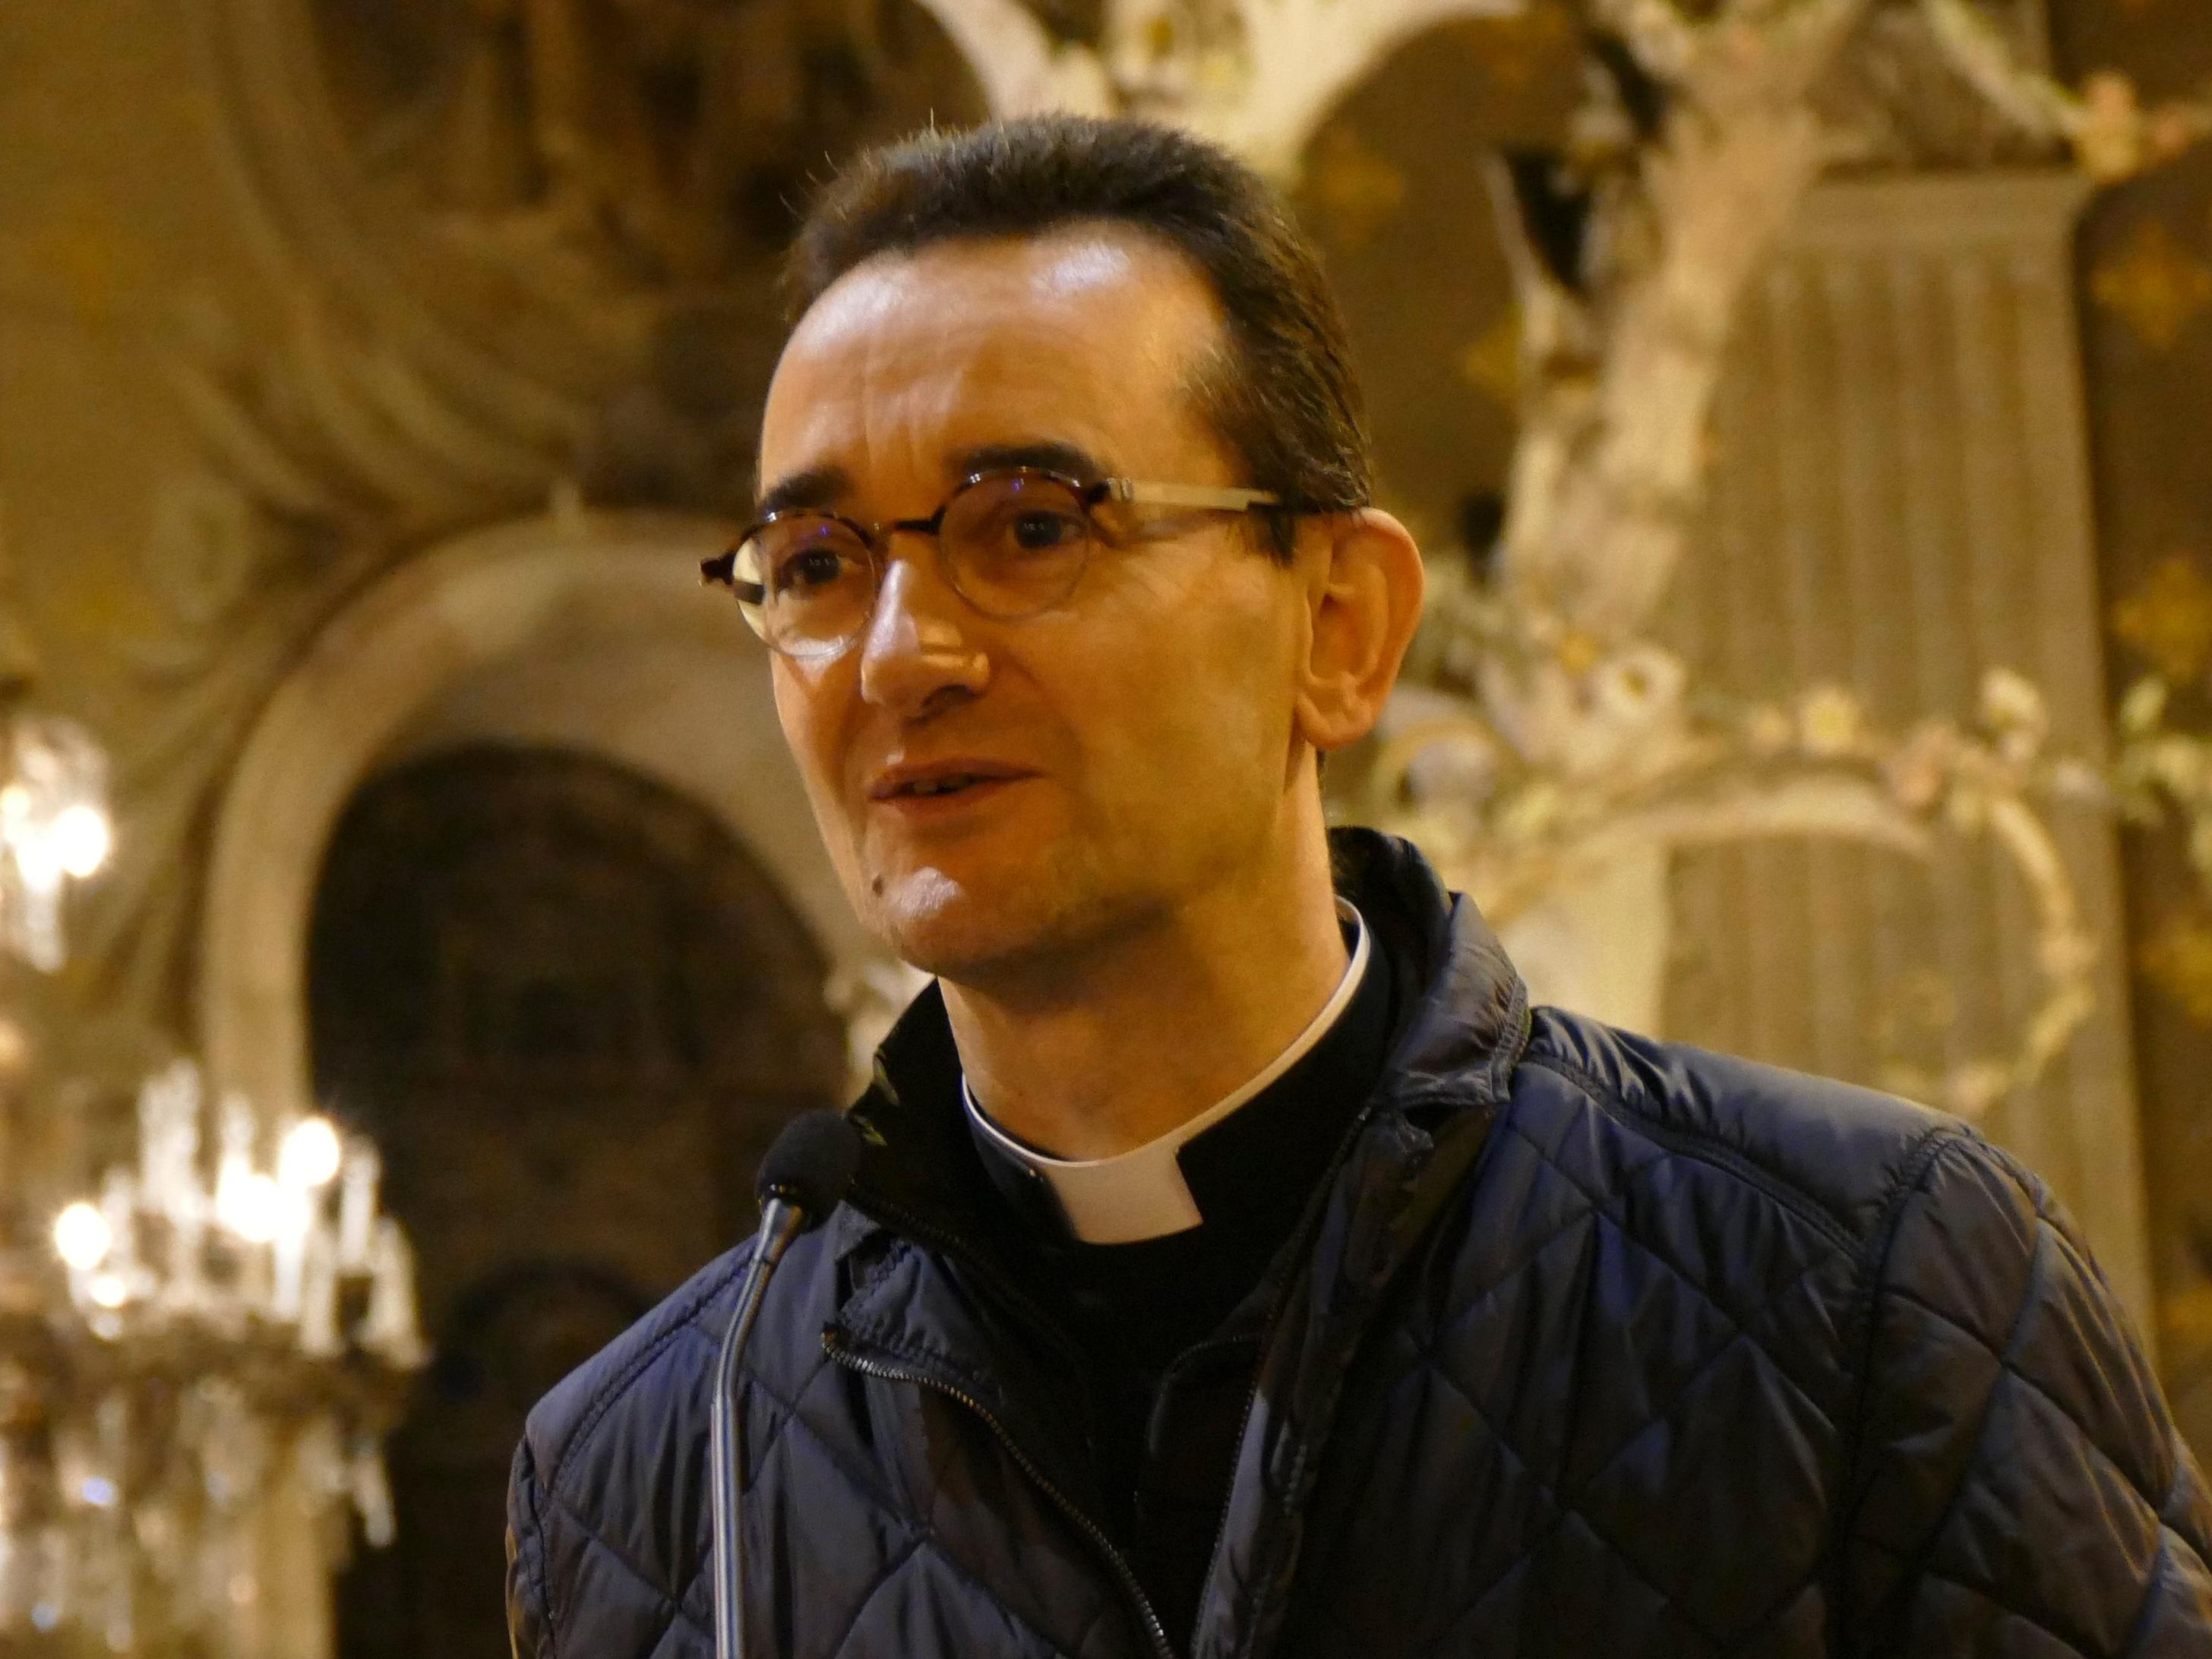 Enseignement «La Croix et la Joie» p. Philippe Airaud 15 avril 2020